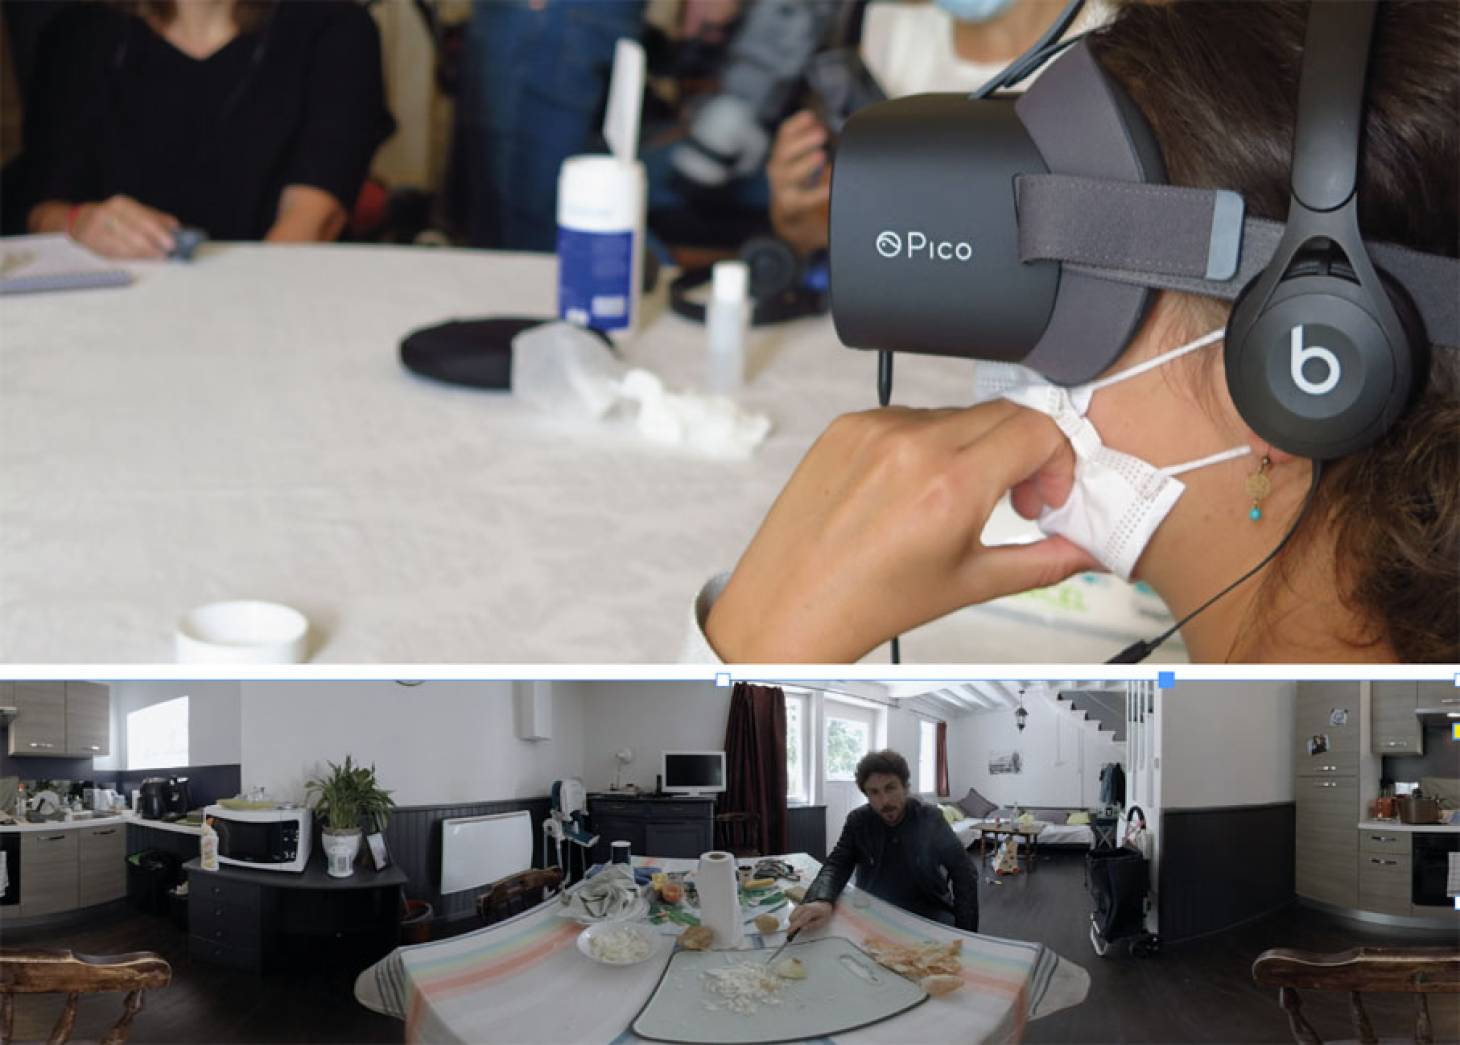 Violences conjugales: réalité virtuelle vs récidive